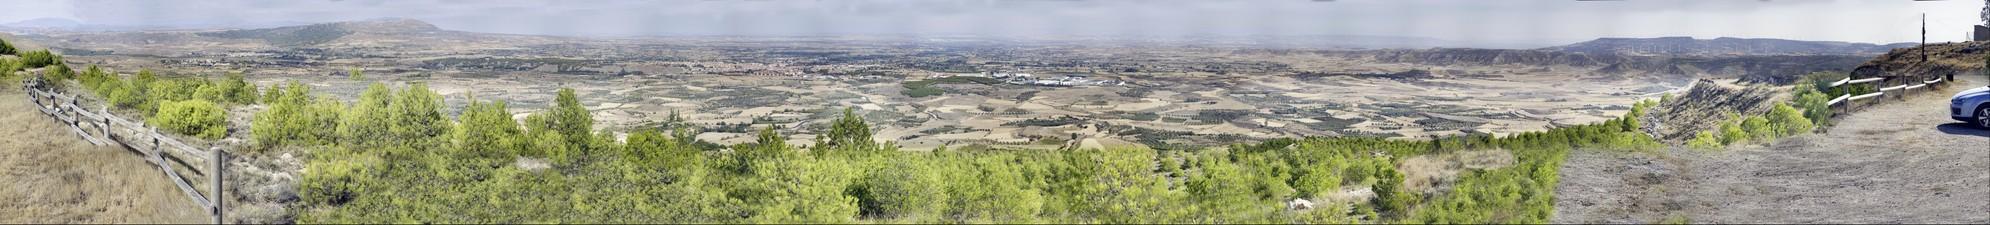 Mirador de la diezma Tarazona